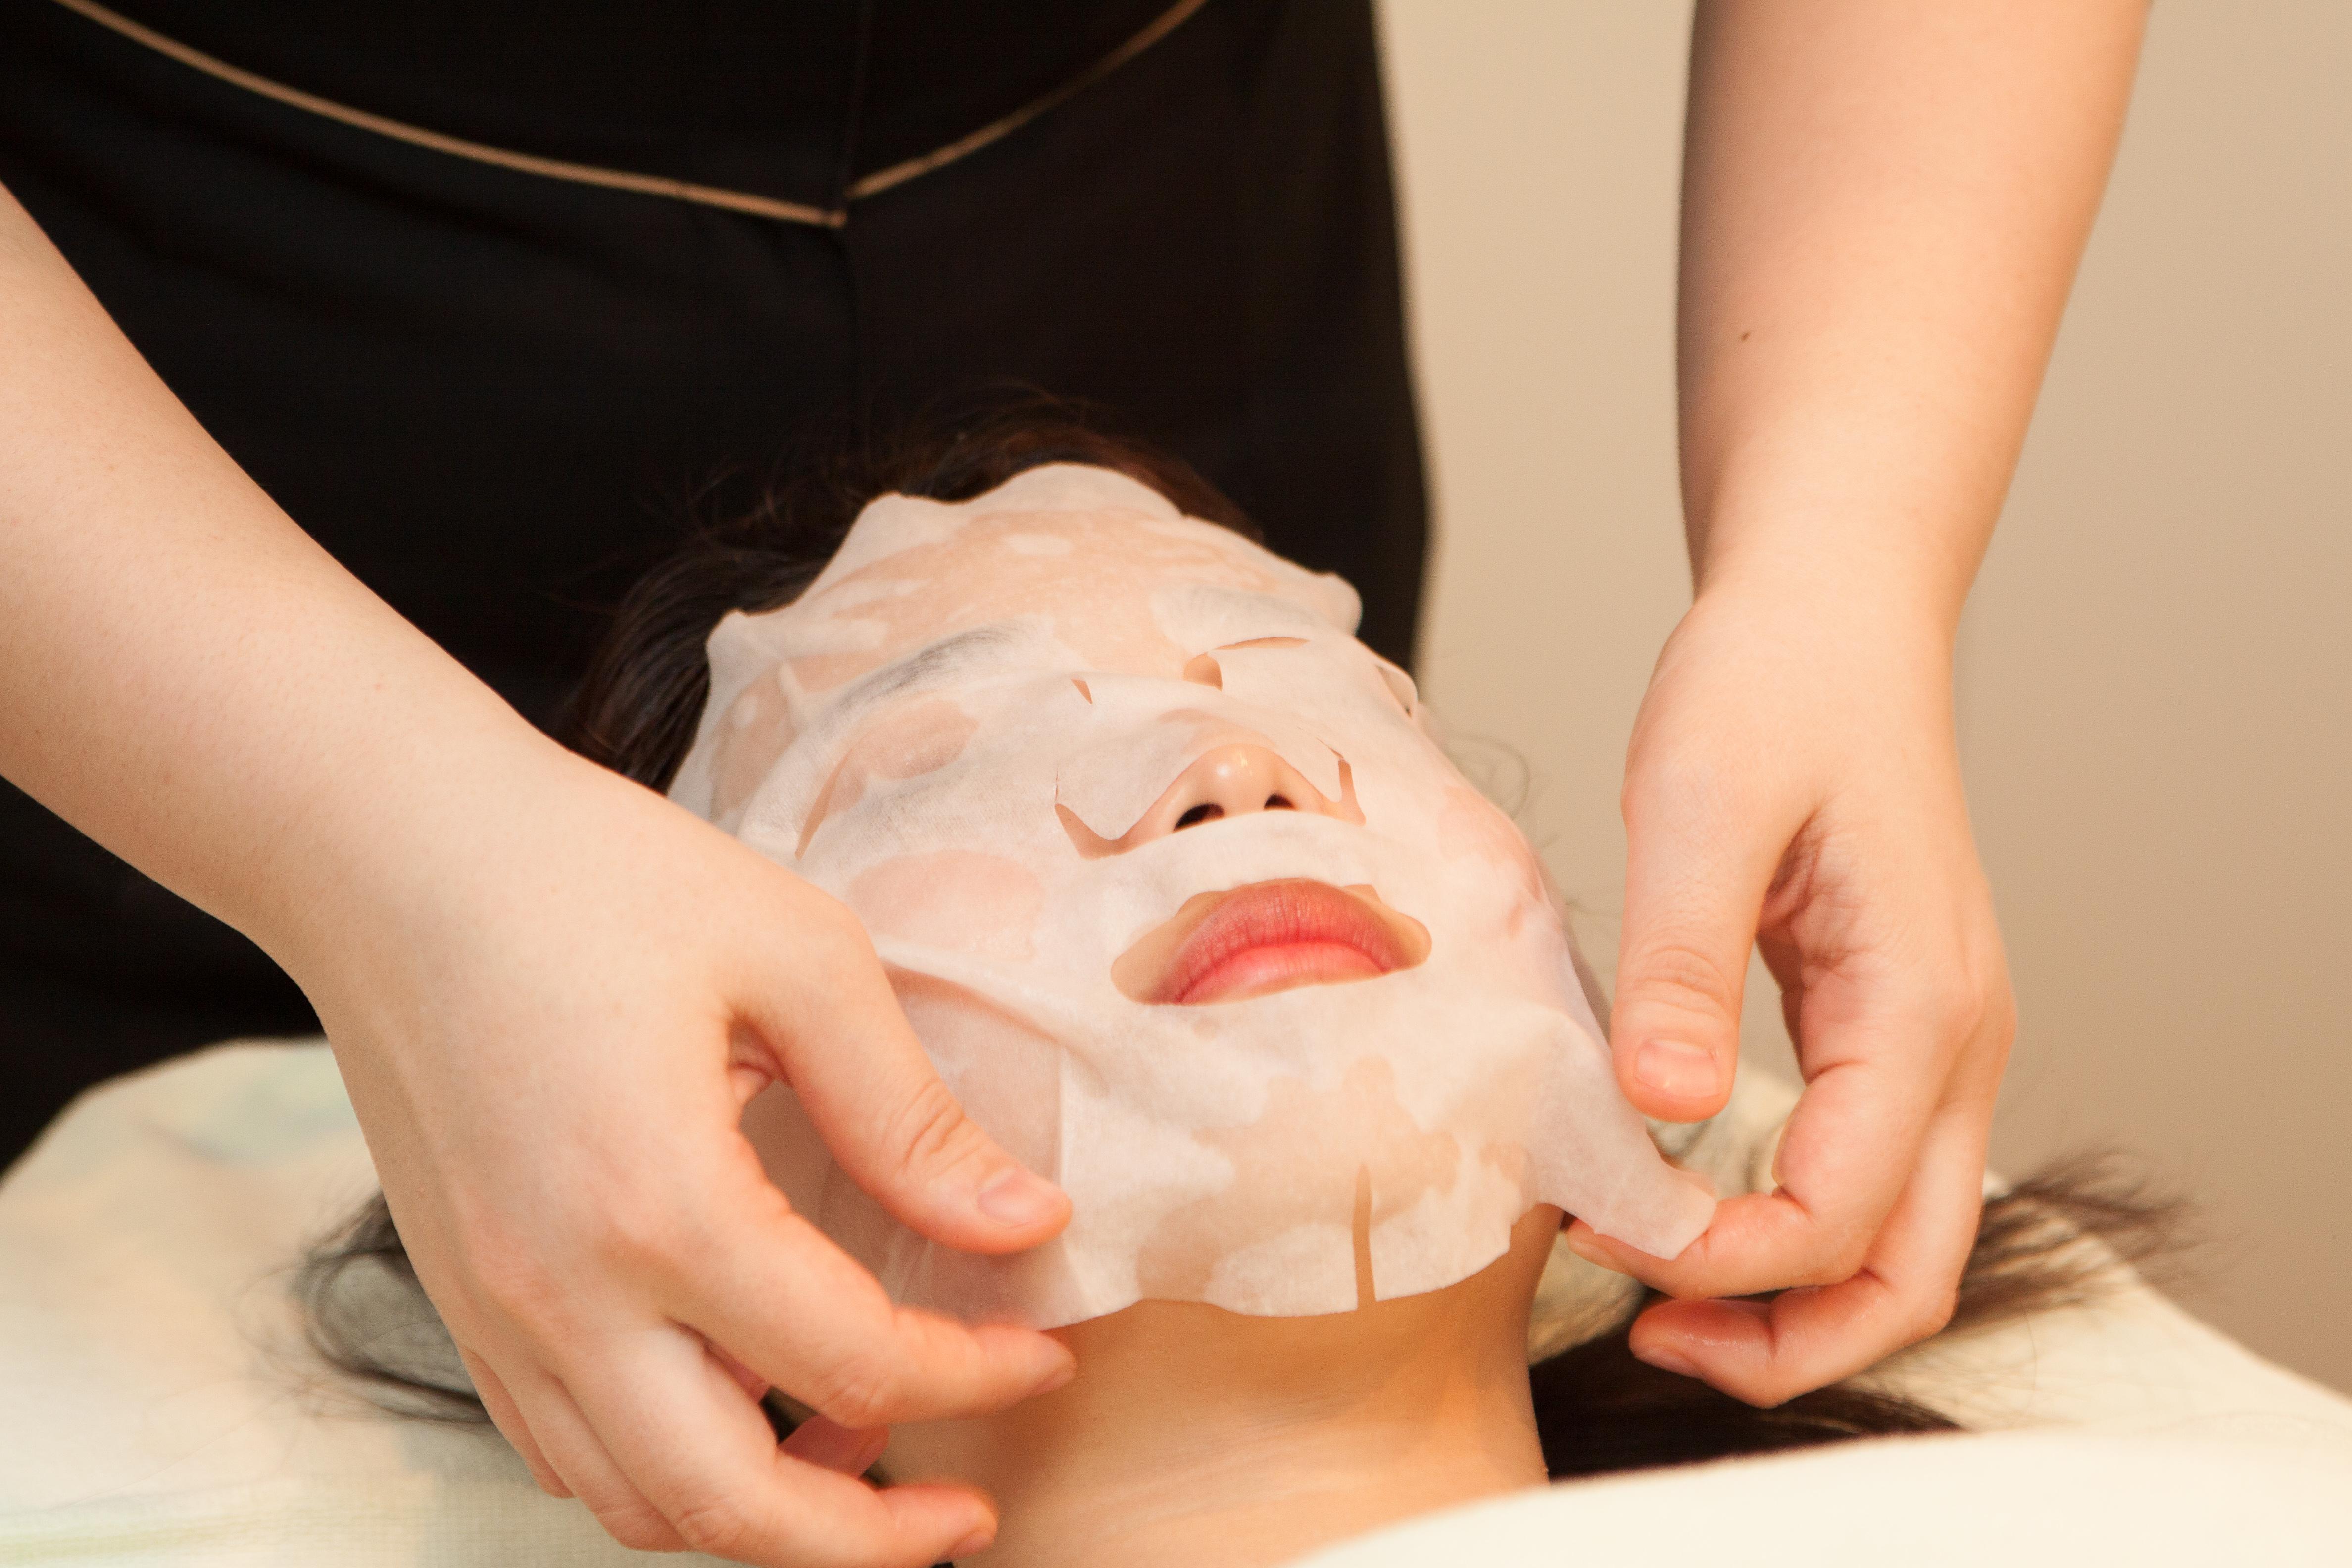 素肌美人をめざそう!松坂屋南館『ファブリス』で女性のための肌に優しいシェービングを体験 - IMG 3633